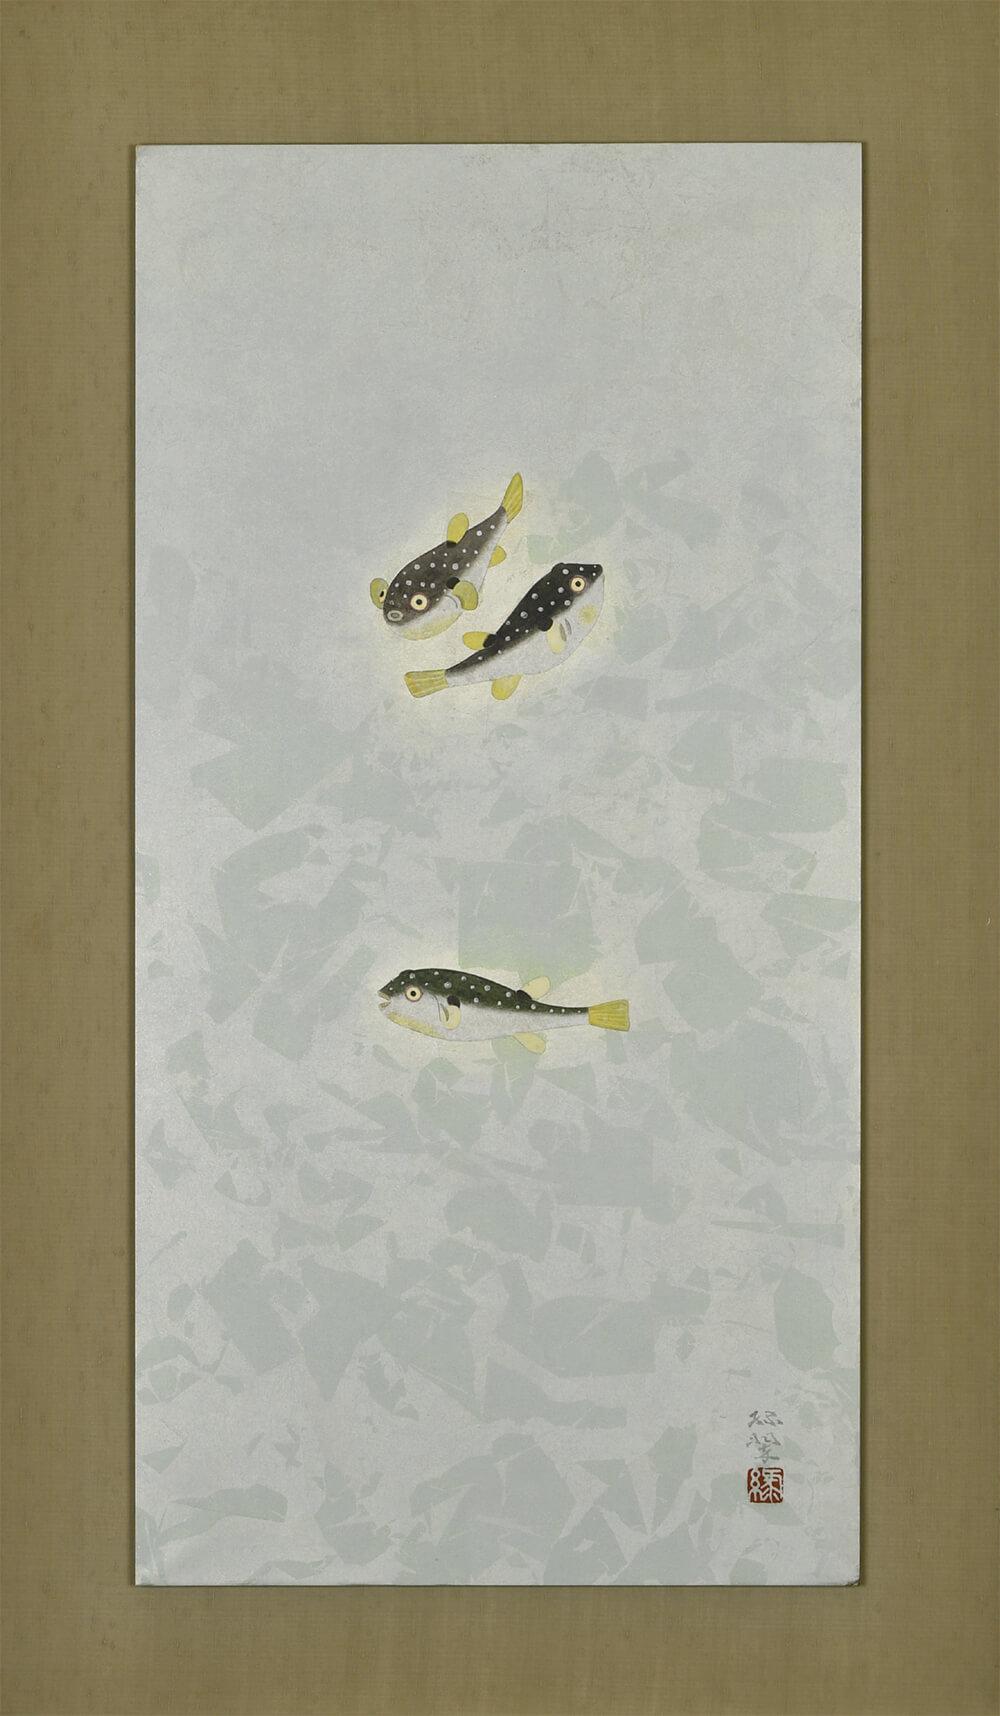 2018年2月10日から開催の「絵画・陶工芸 逸品展」の作品1